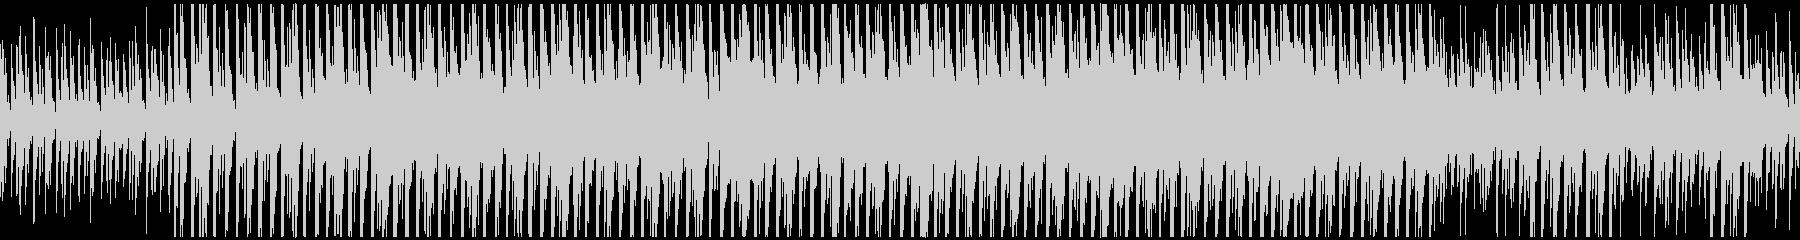 【ループ】チュートリアル/デジタル/未来の未再生の波形